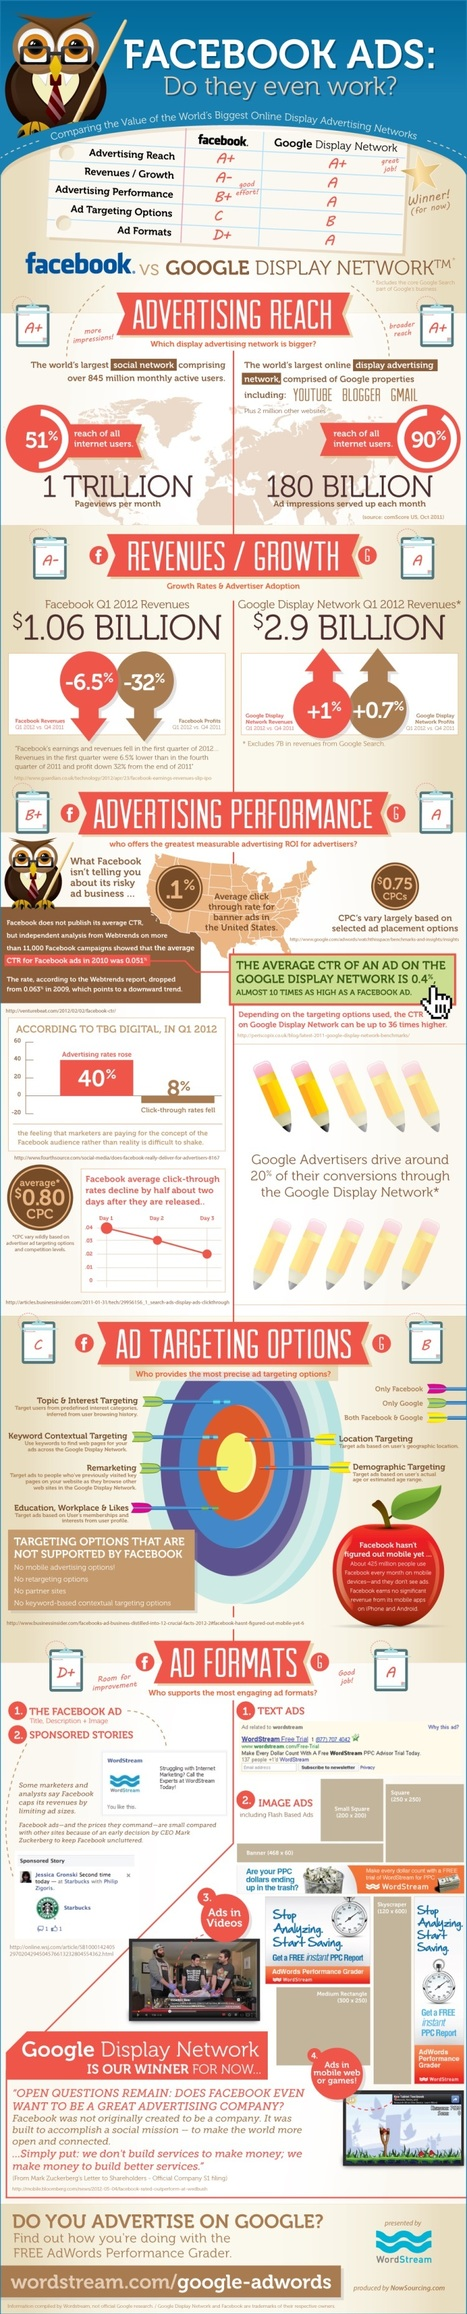 Facebook Ads: Do They Even Work? [Infographic] | Optimisation des médias sociaux | Scoop.it